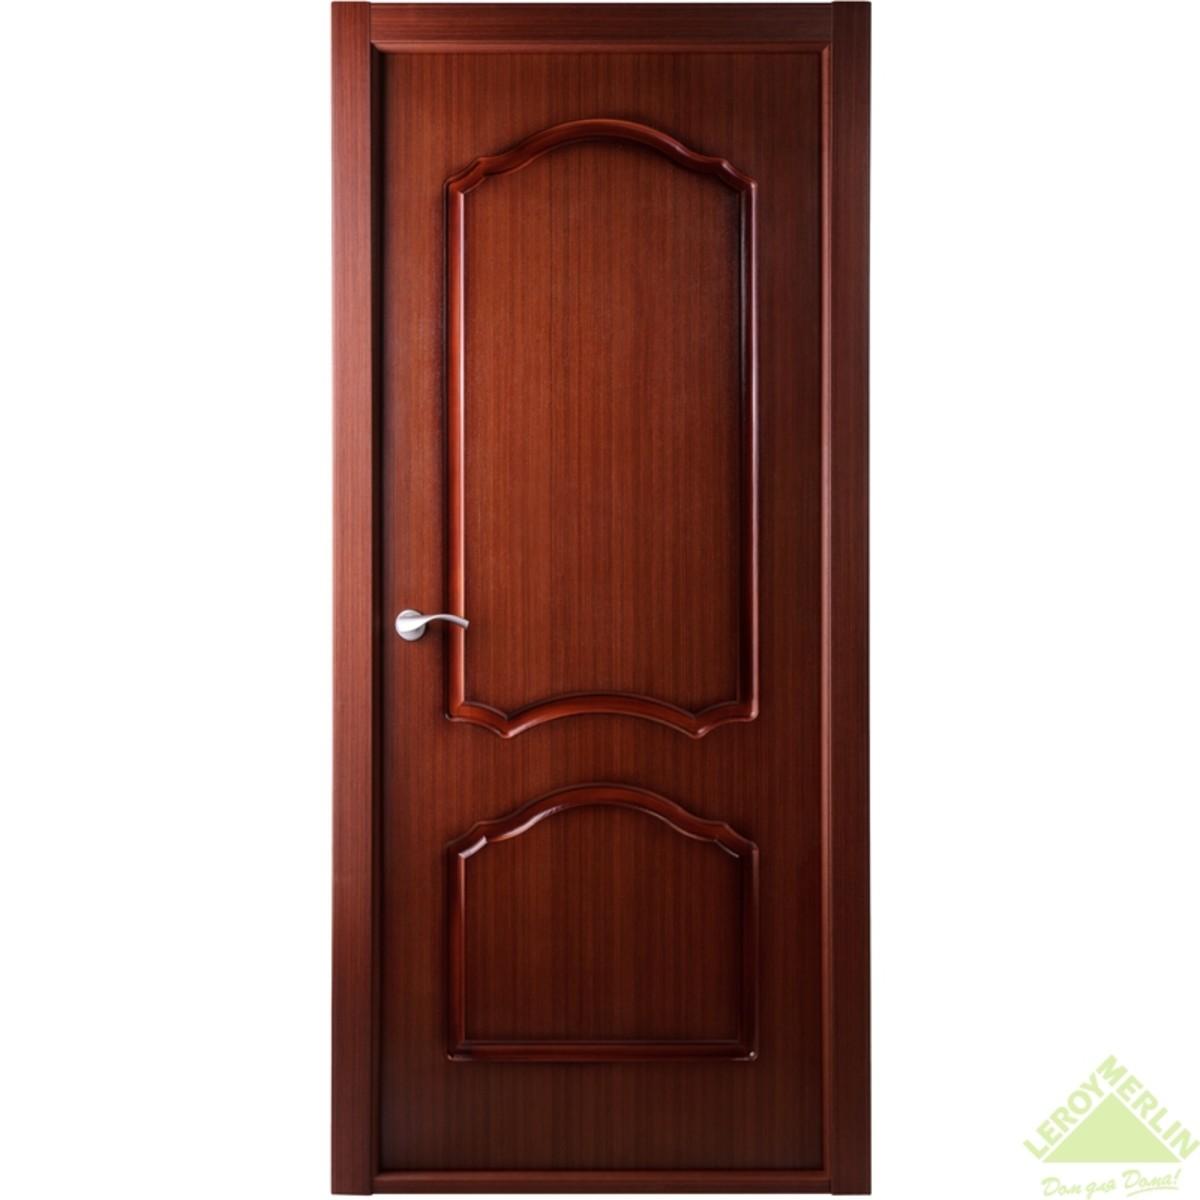 Дверь Межкомнатная Глухая Каролина 80x200 Ламинация Цвет Красное Дерево